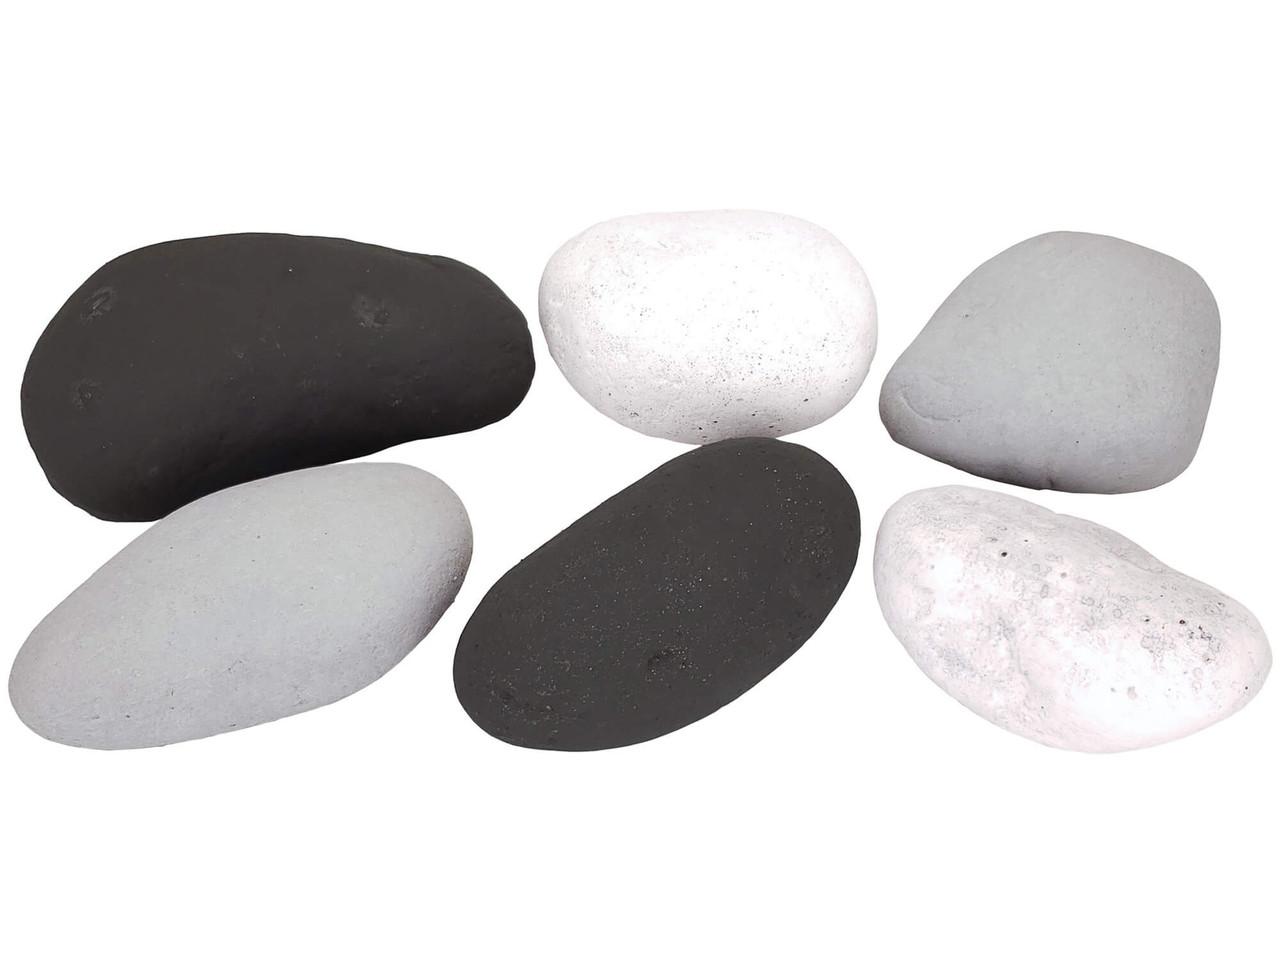 Rasmussen Large Firestone Pack - black, white, light gray